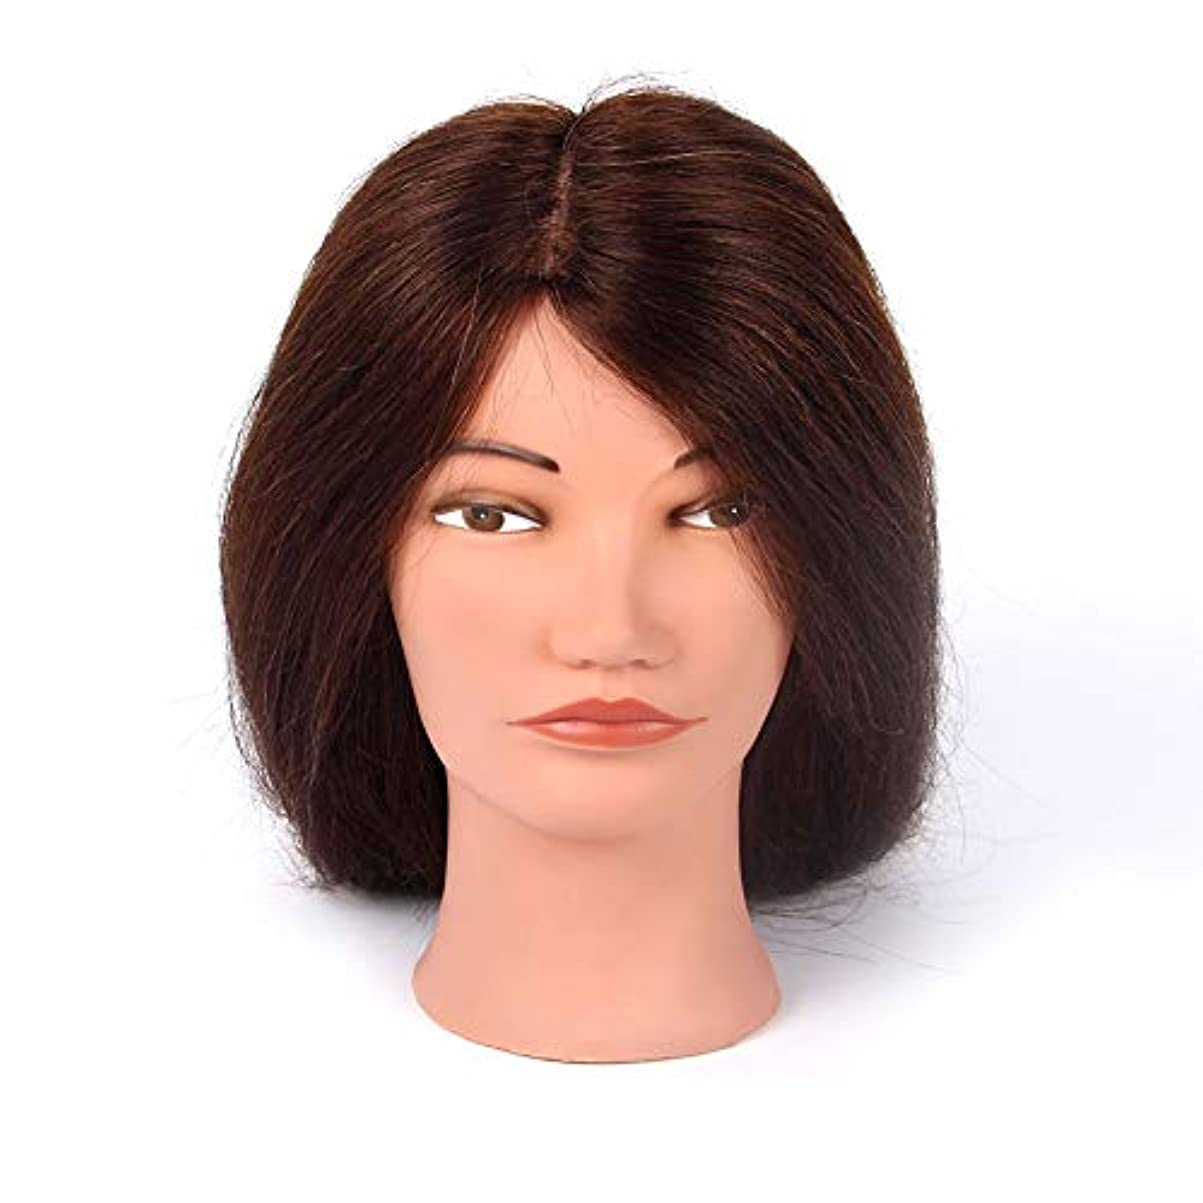 敏感な洪水ケーキ理髪練習ヘッド吹くホットロールダミーヘッドパーマ髪の染め指導ヘッドメイクアップヘアスタイリングモデルヘッド